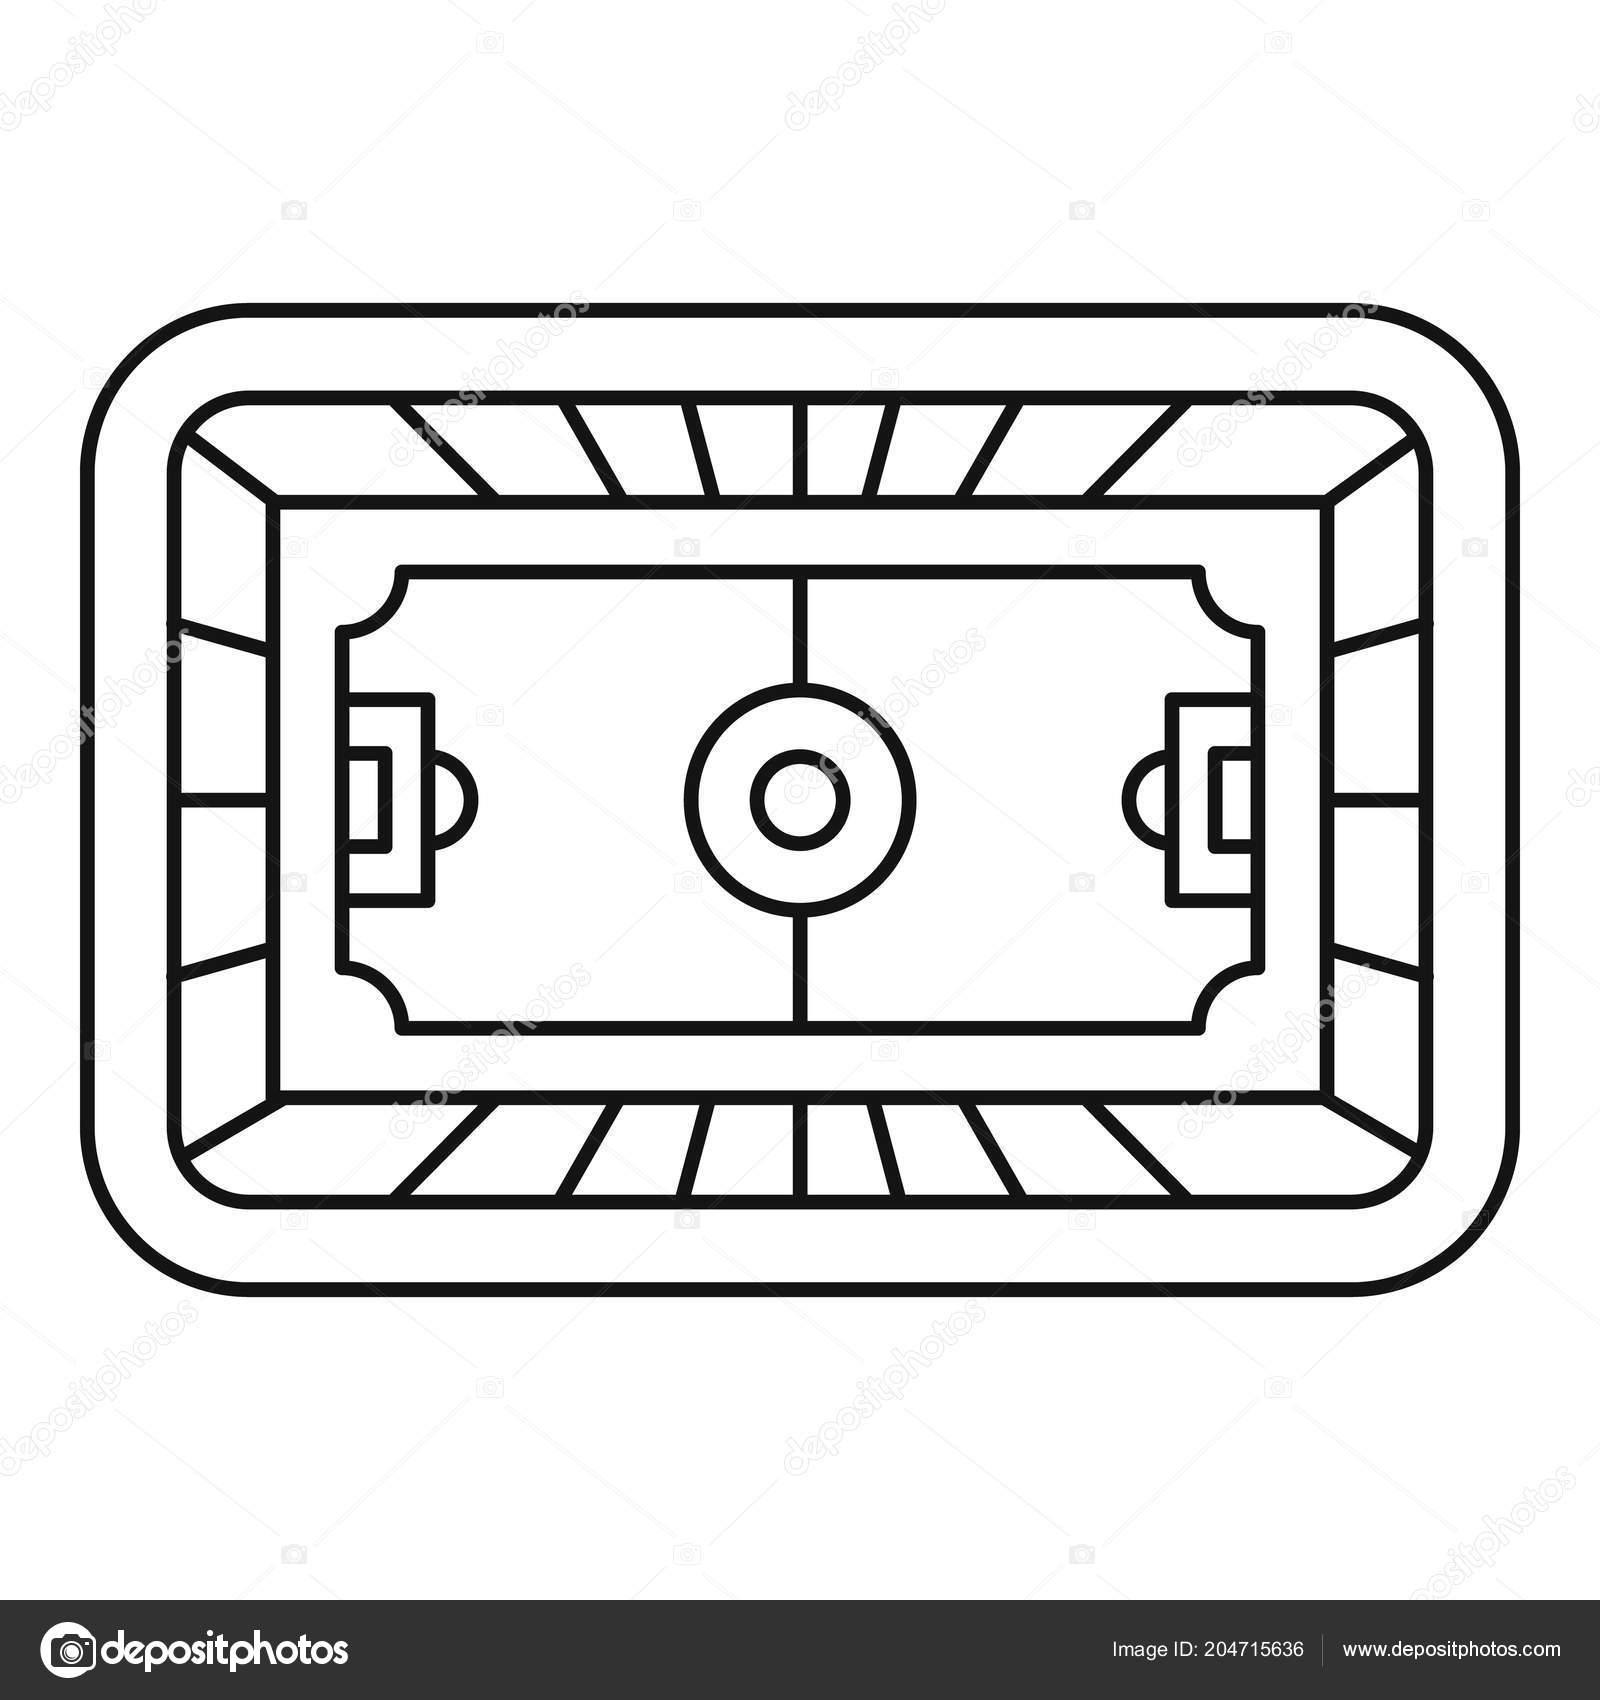 Top Fussball Feld Symbol Umriss Stil Stockvektor